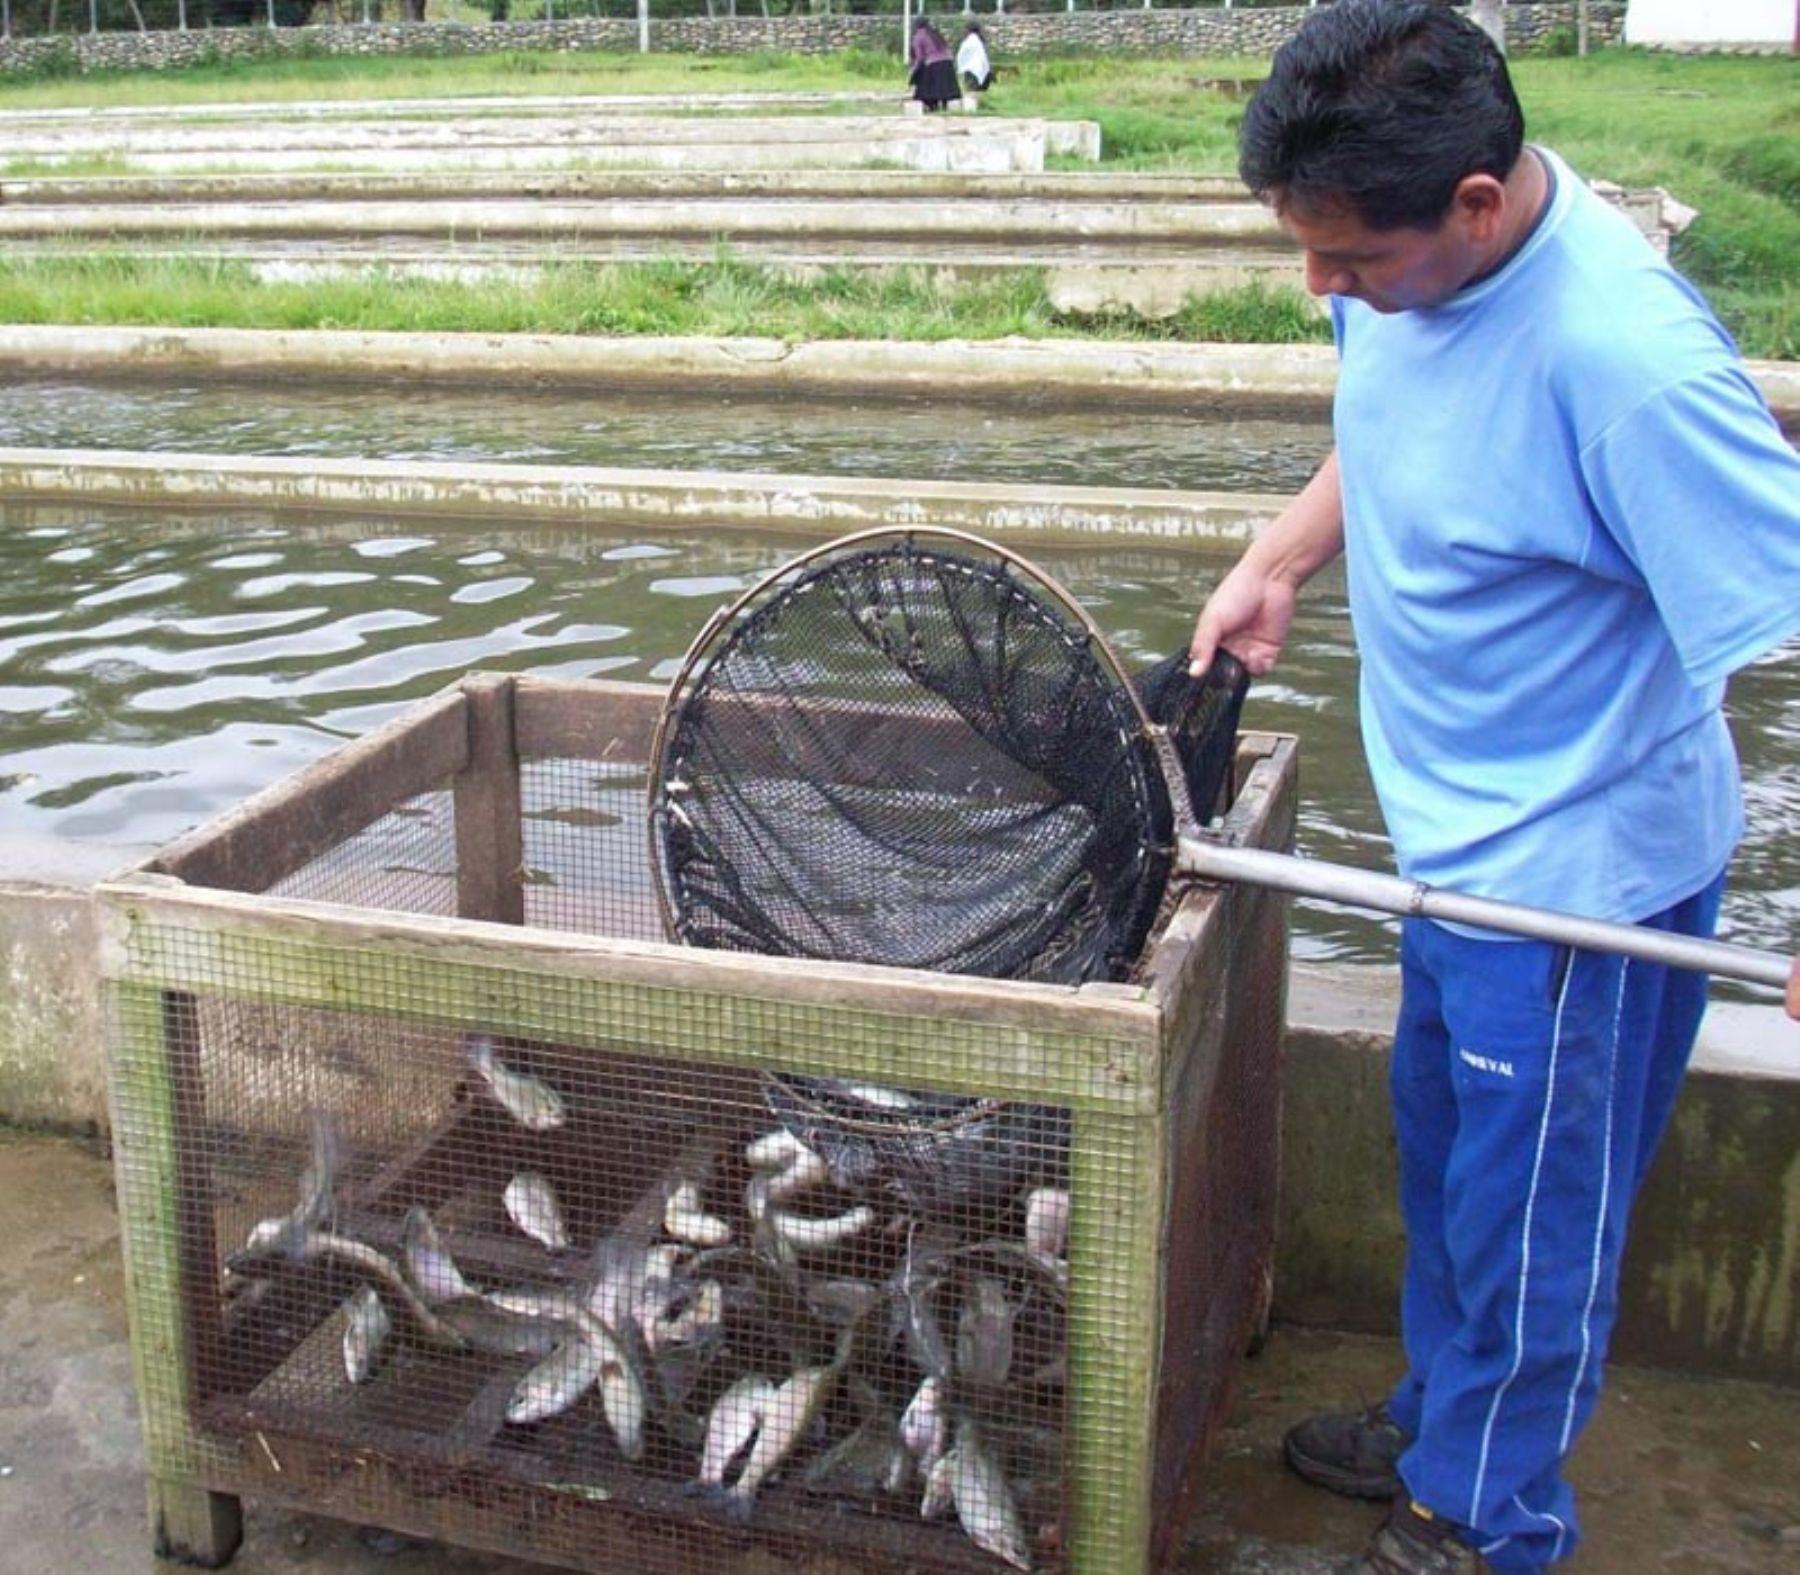 Truchas producidas en la laguna de Carpa, en la provincia huanuqueña de Huamalíes. Foto: Gobierno regional de Huánuco.